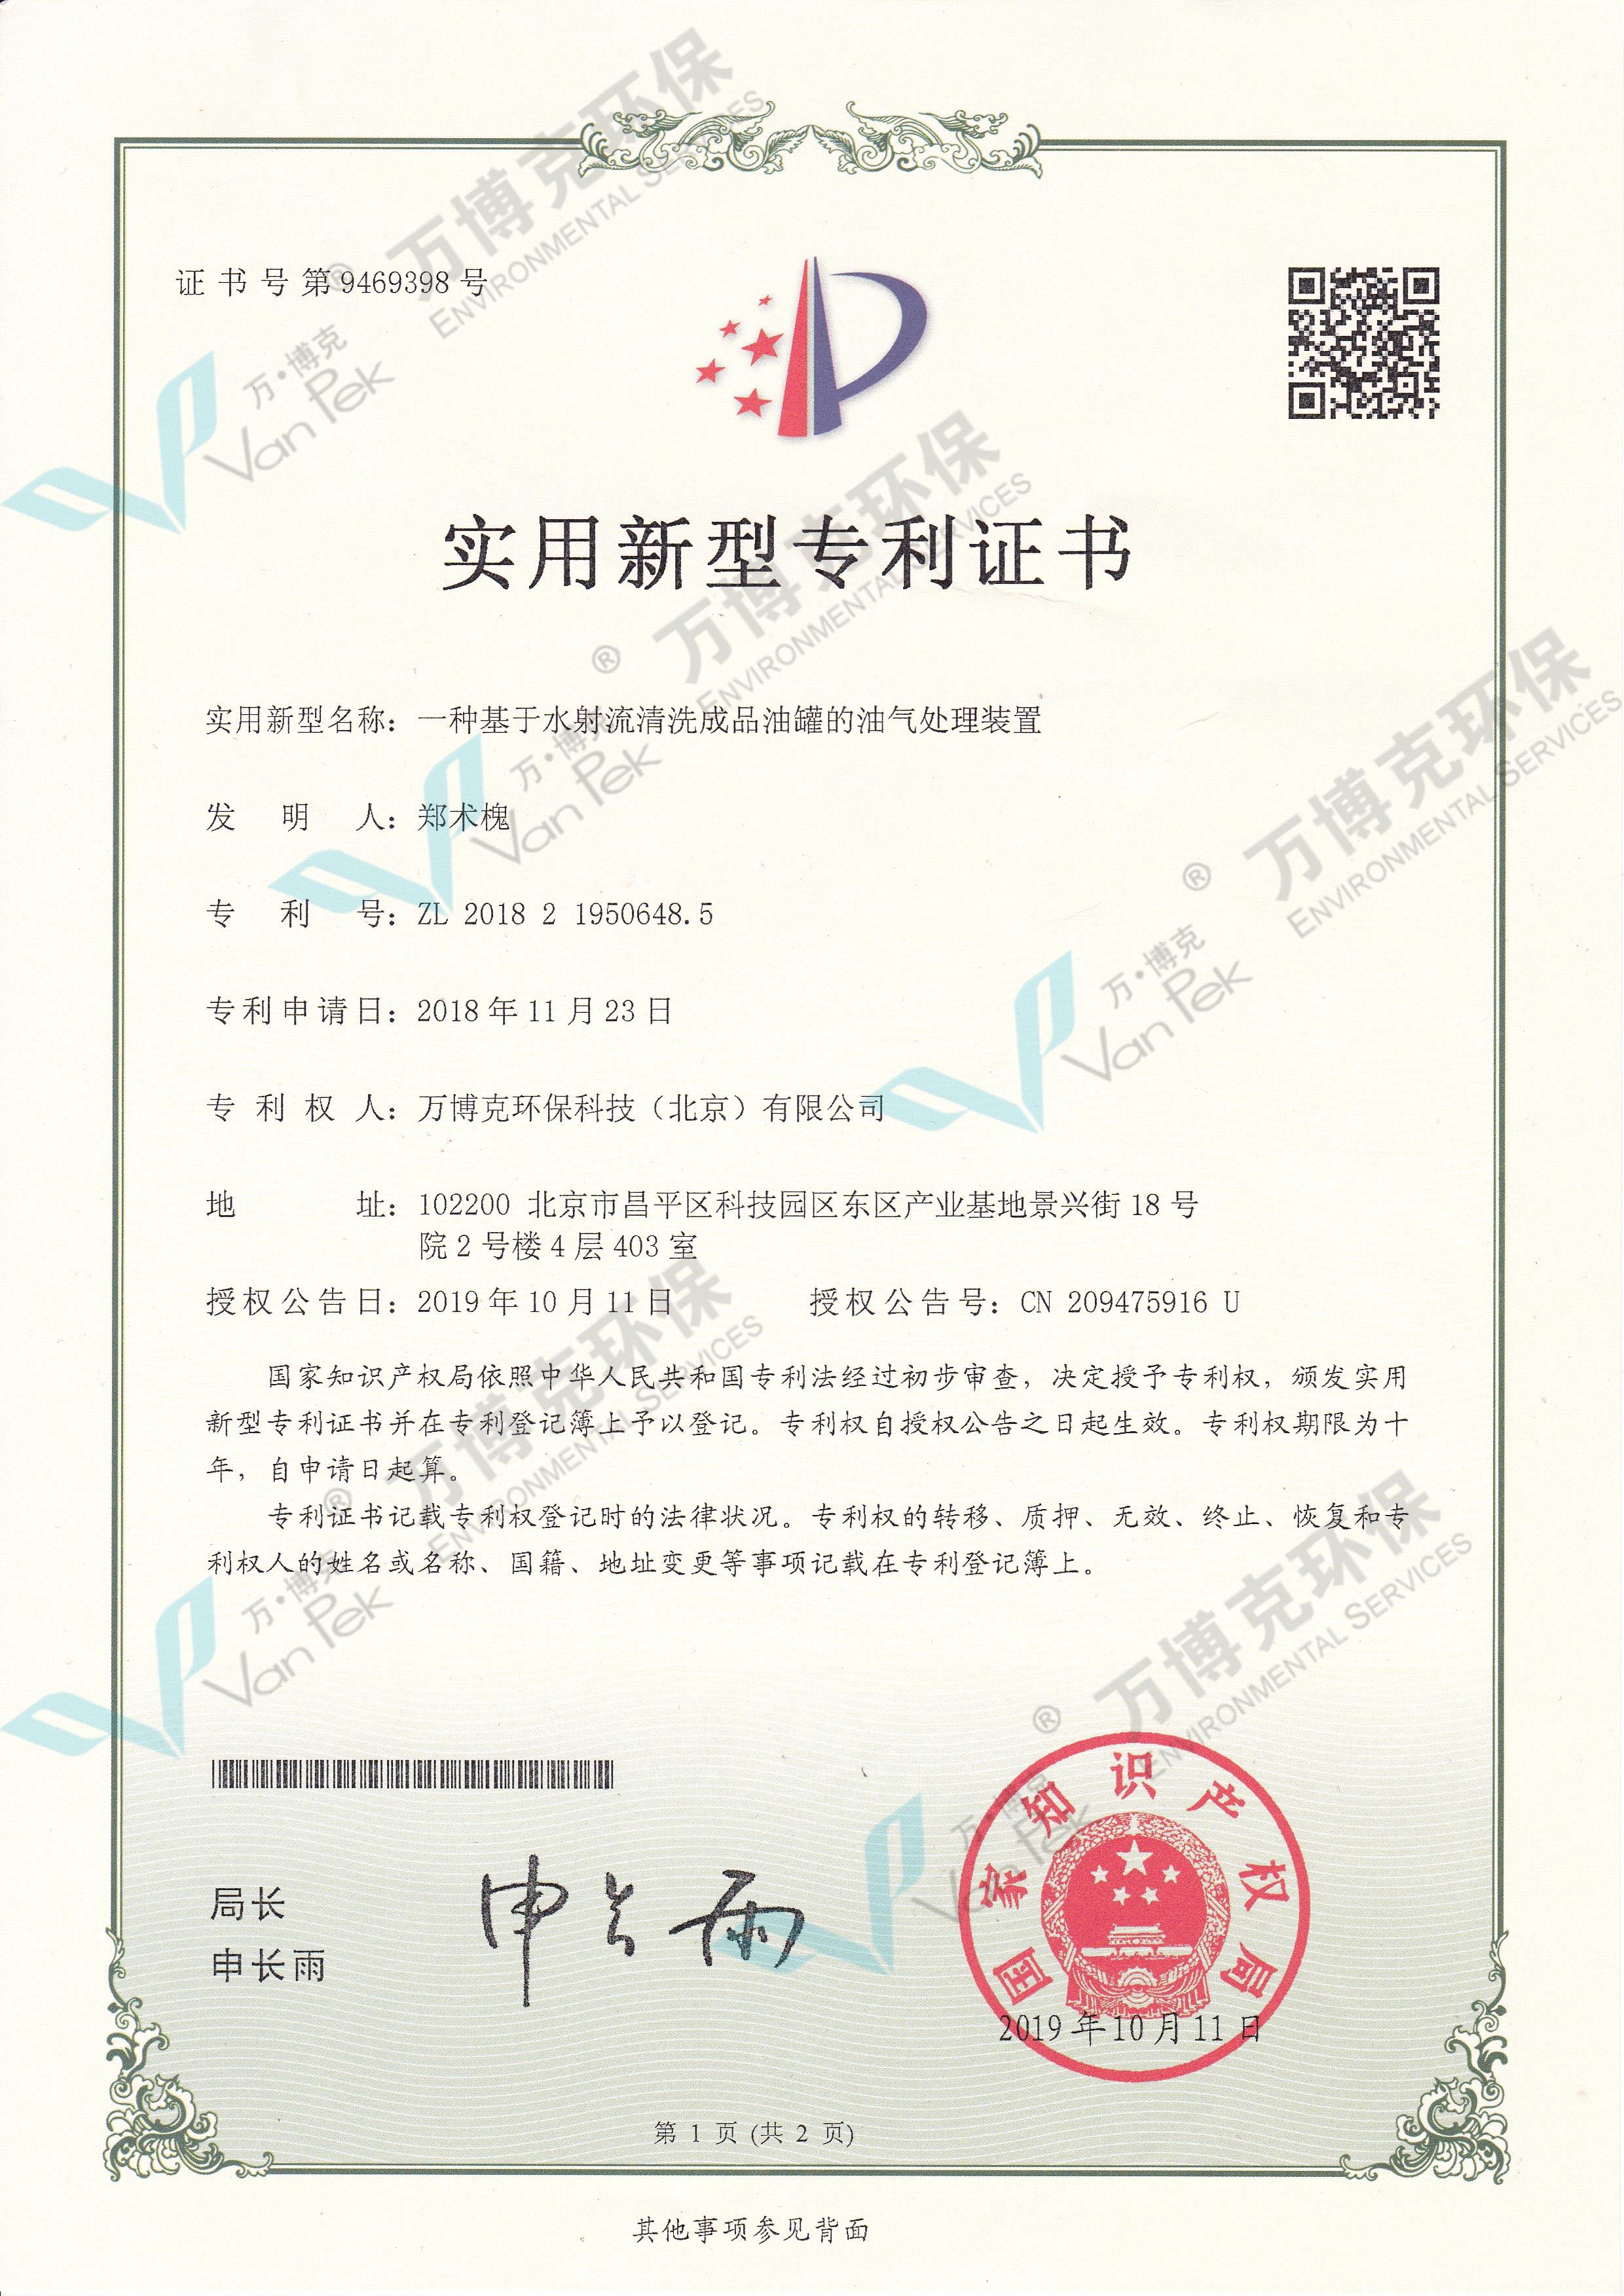 2019年10月,萬博克榮獲油氣處理裝置實用新型專利證書